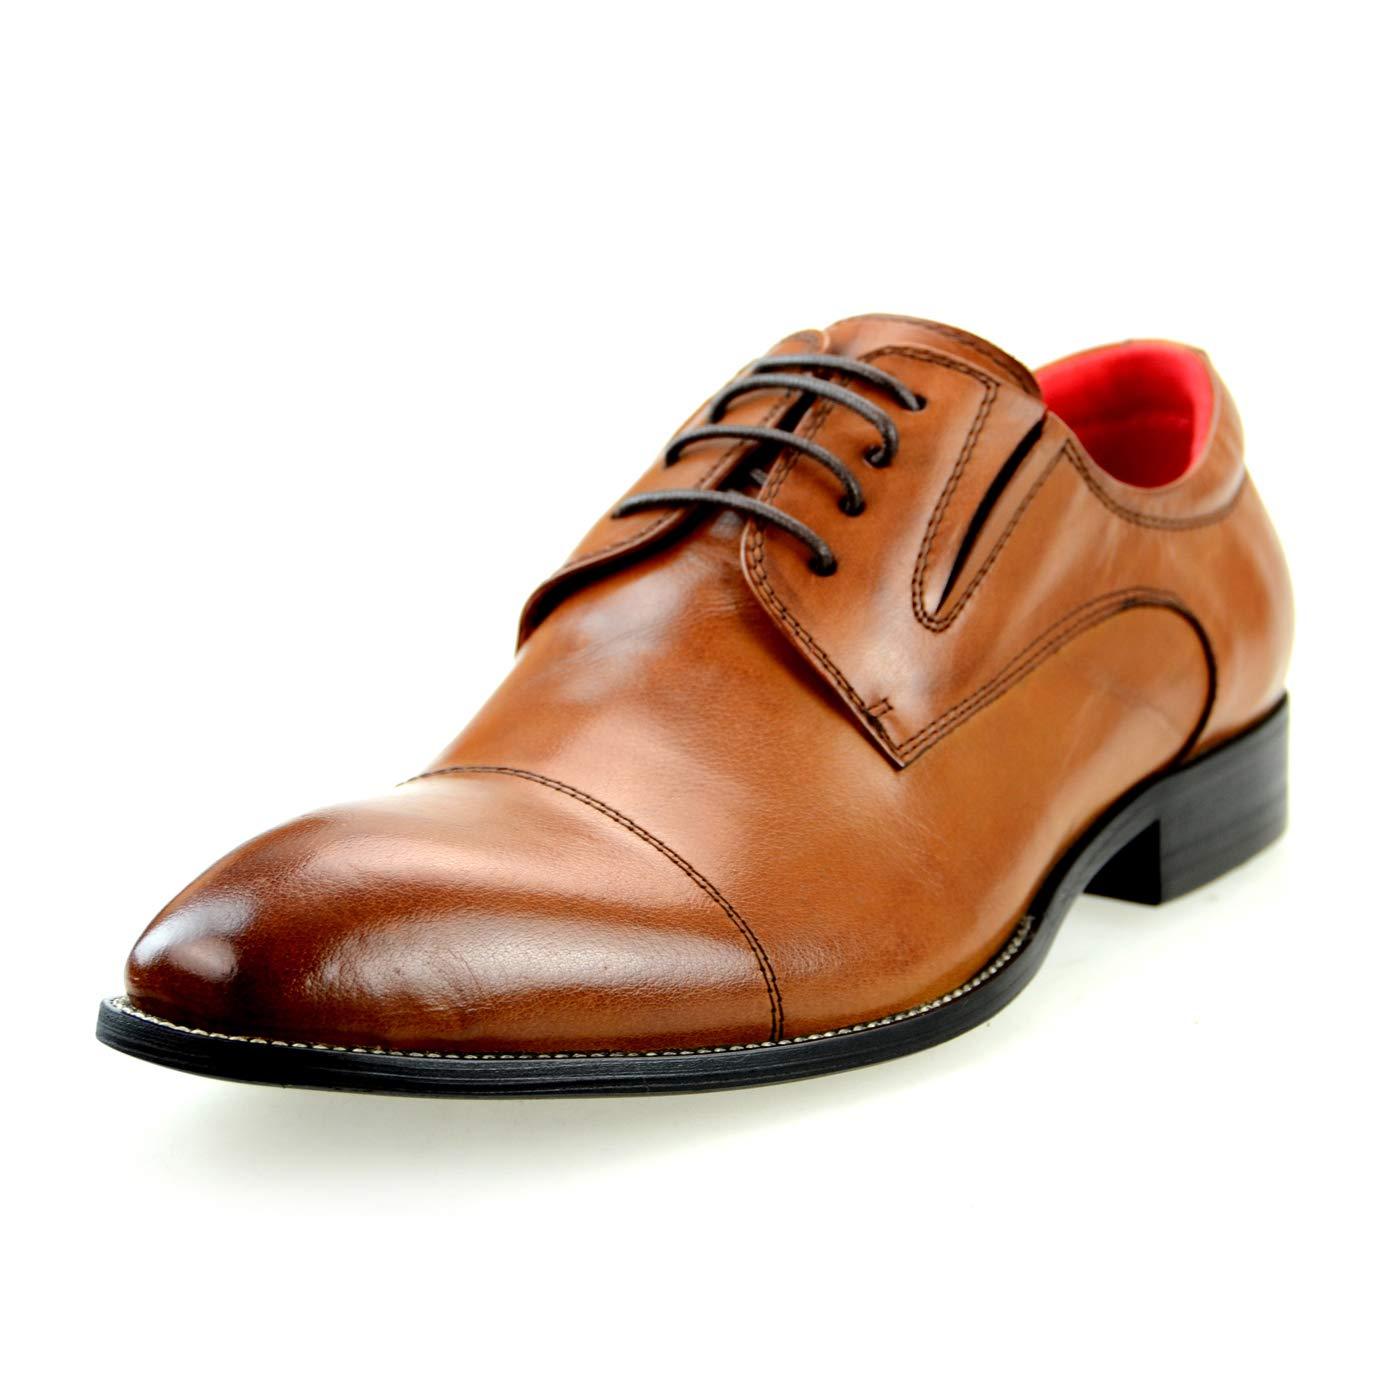 [ルシウス] ビジネスシューズ レースアップシューズ オックスフォードシューズ メンズ 革靴 紳士靴 本革 牛革 レザー 何種類もの中から選べる [ BZB017 ] 109-88 ブラウン 27.0 cm